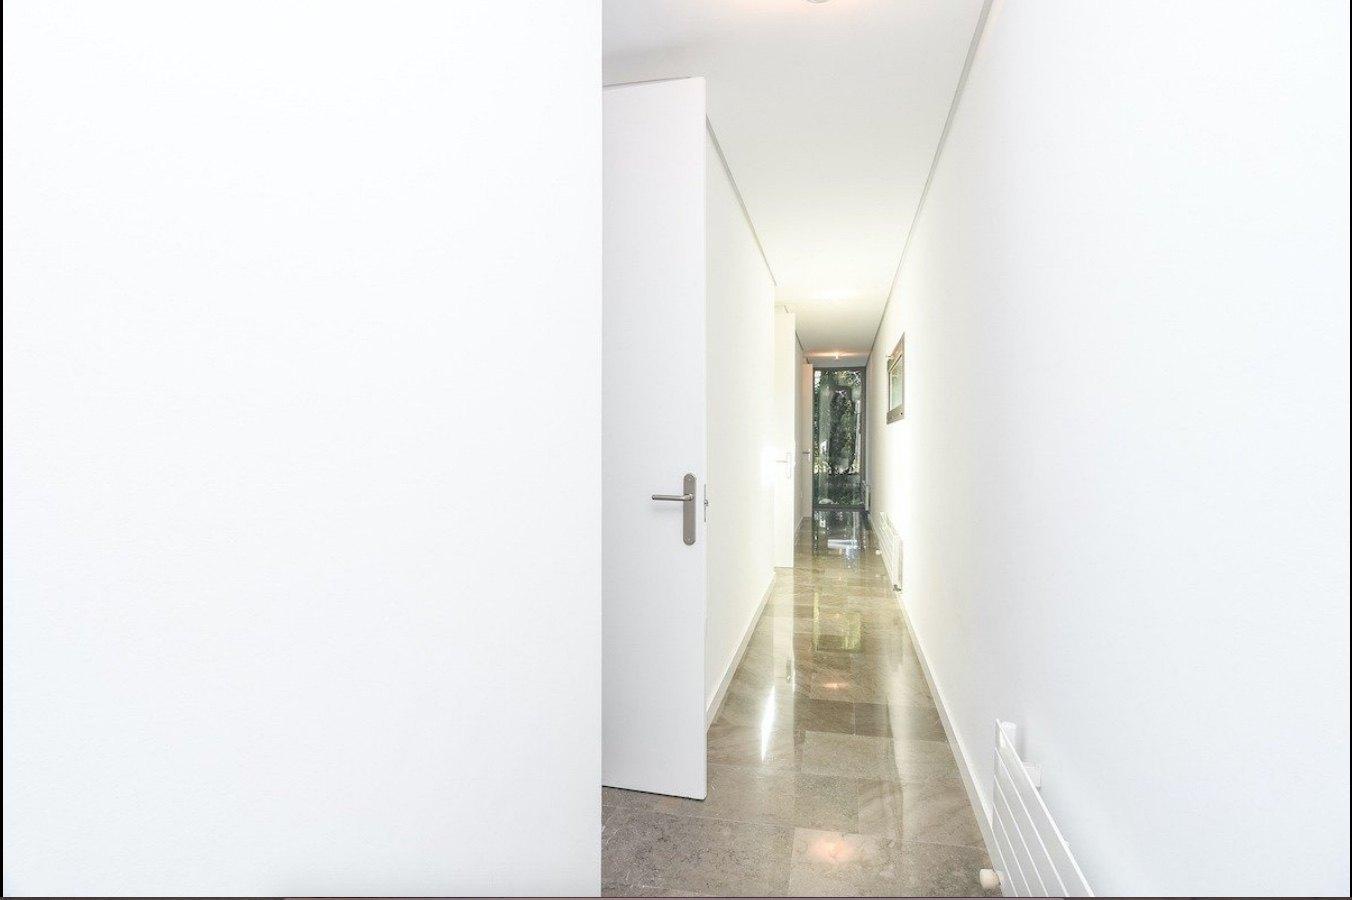 Villa de estilo moderno a la Venta en Javea - Costa Blanca